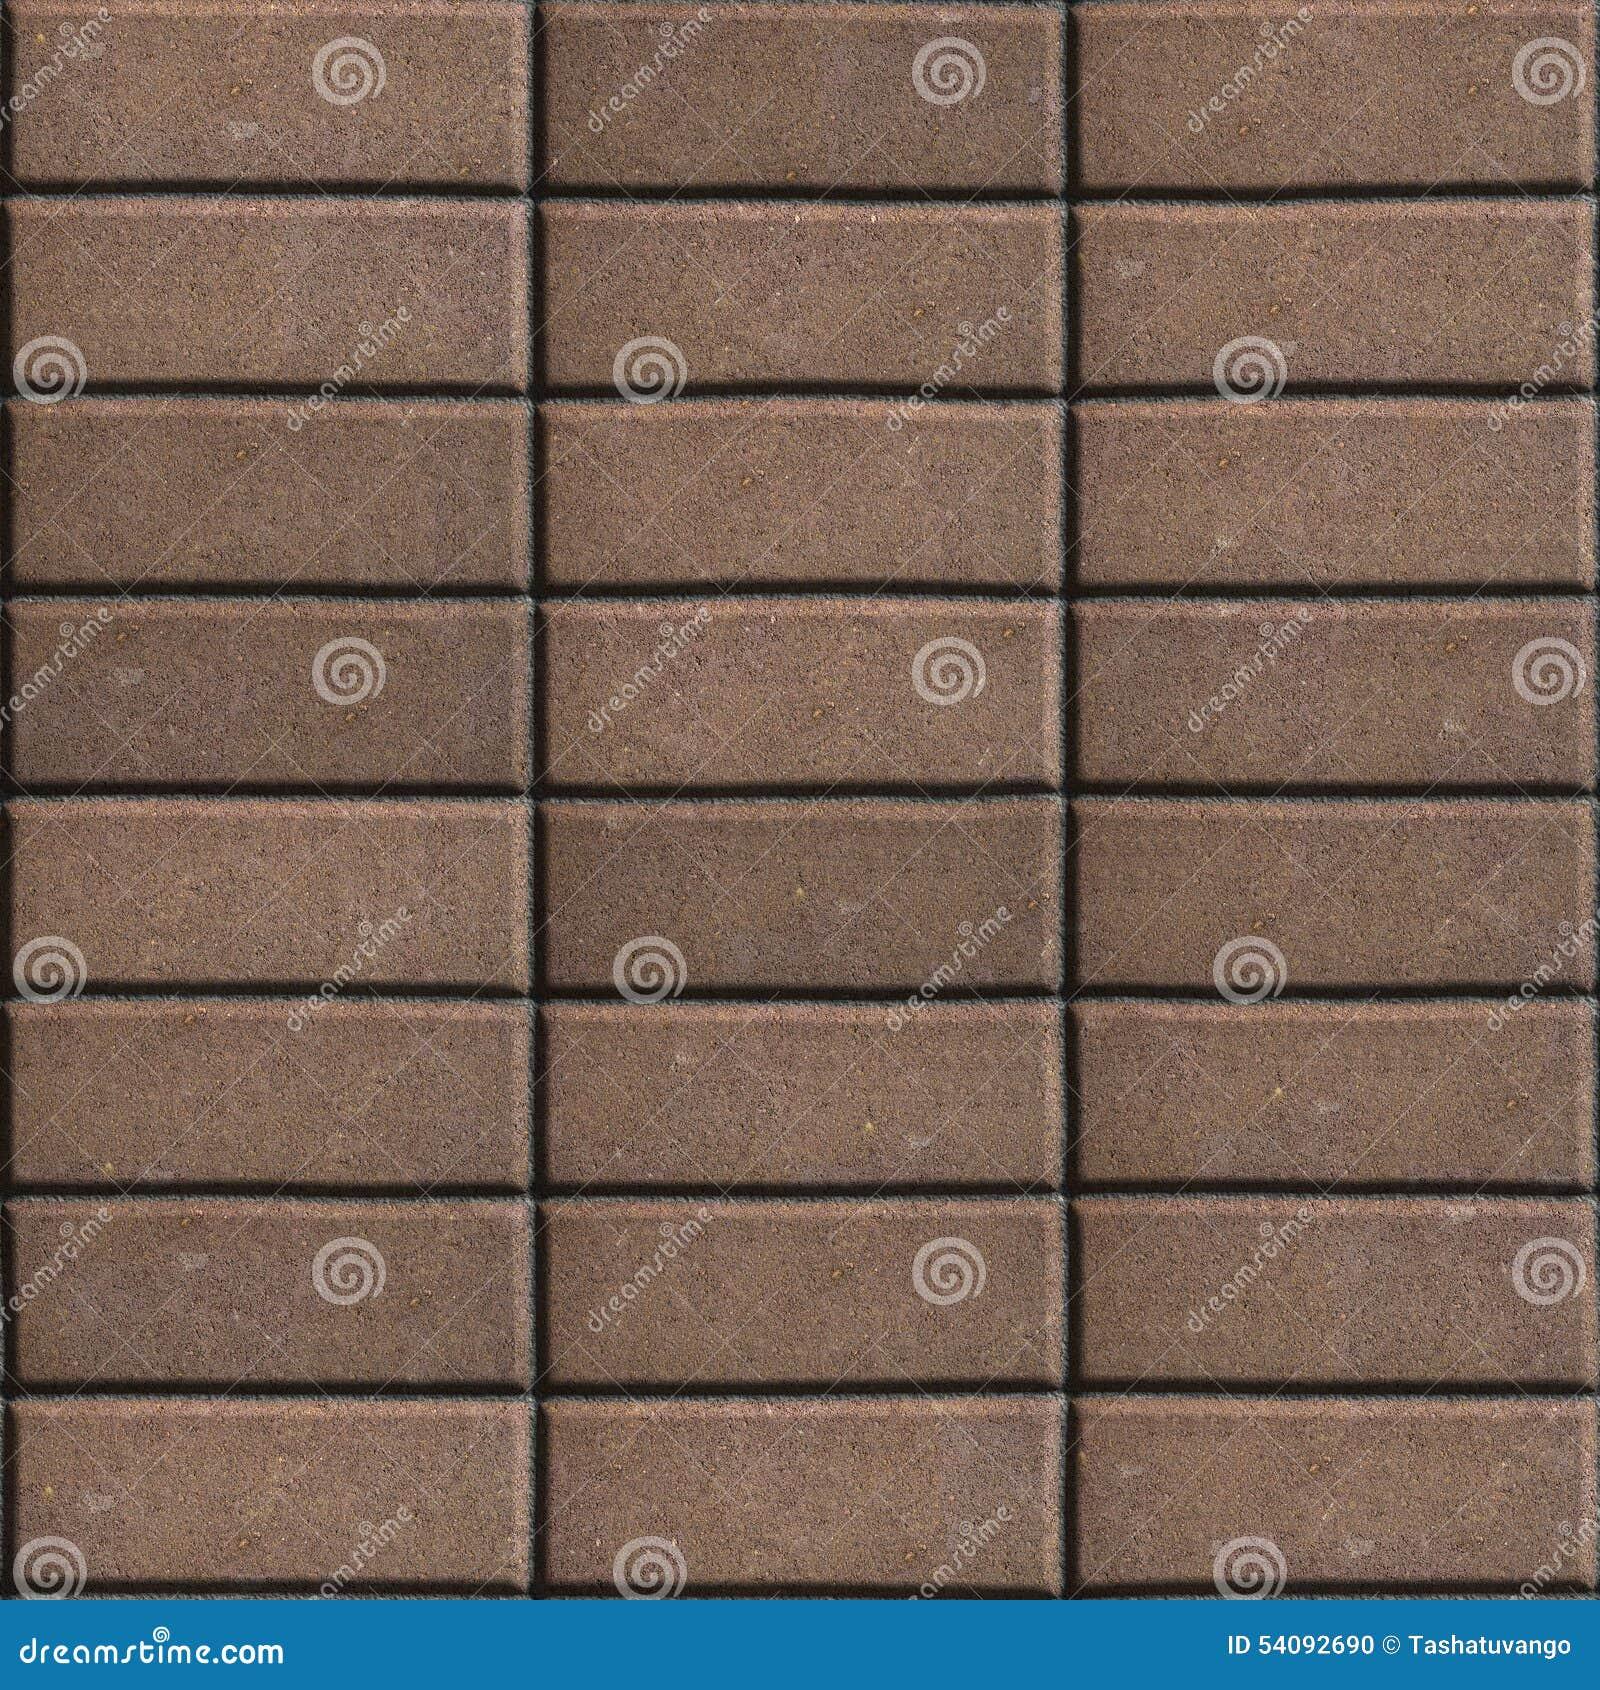 Bruine het Bedekken Plakken Opgemaakte Rechthoeken